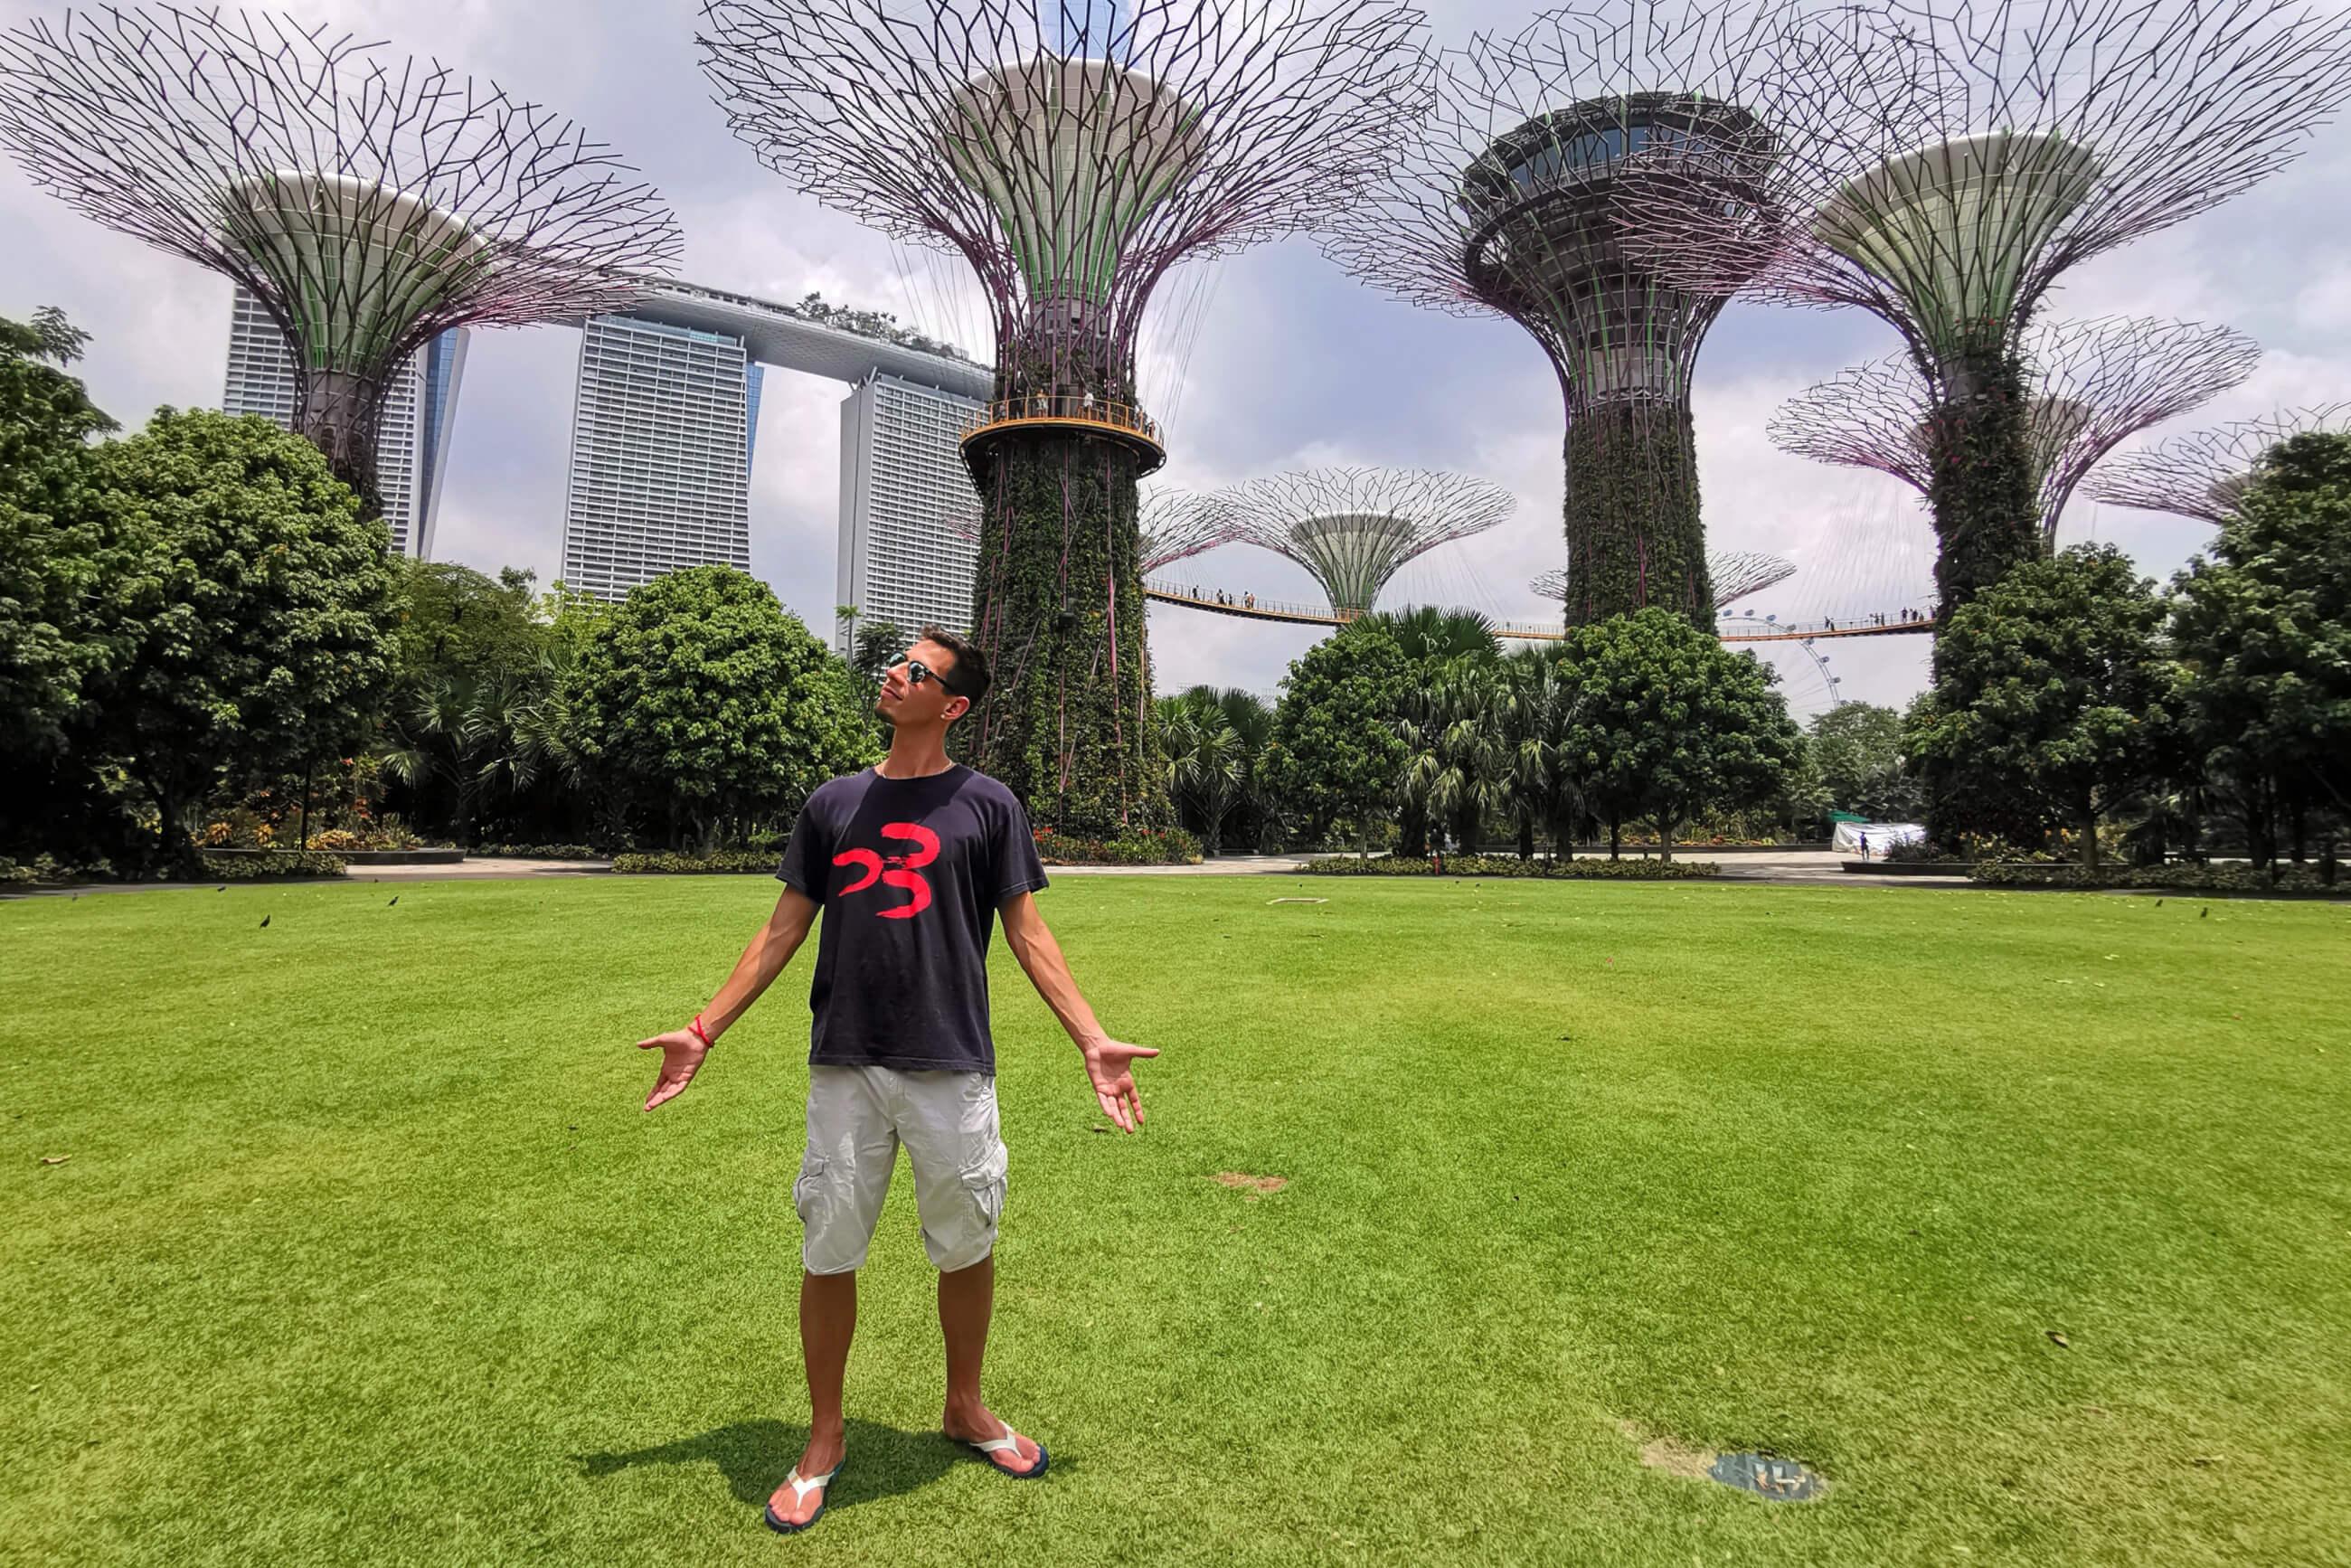 https://bubo.sk/uploads/galleries/7468/jozefmartinasek_singapur.jpg